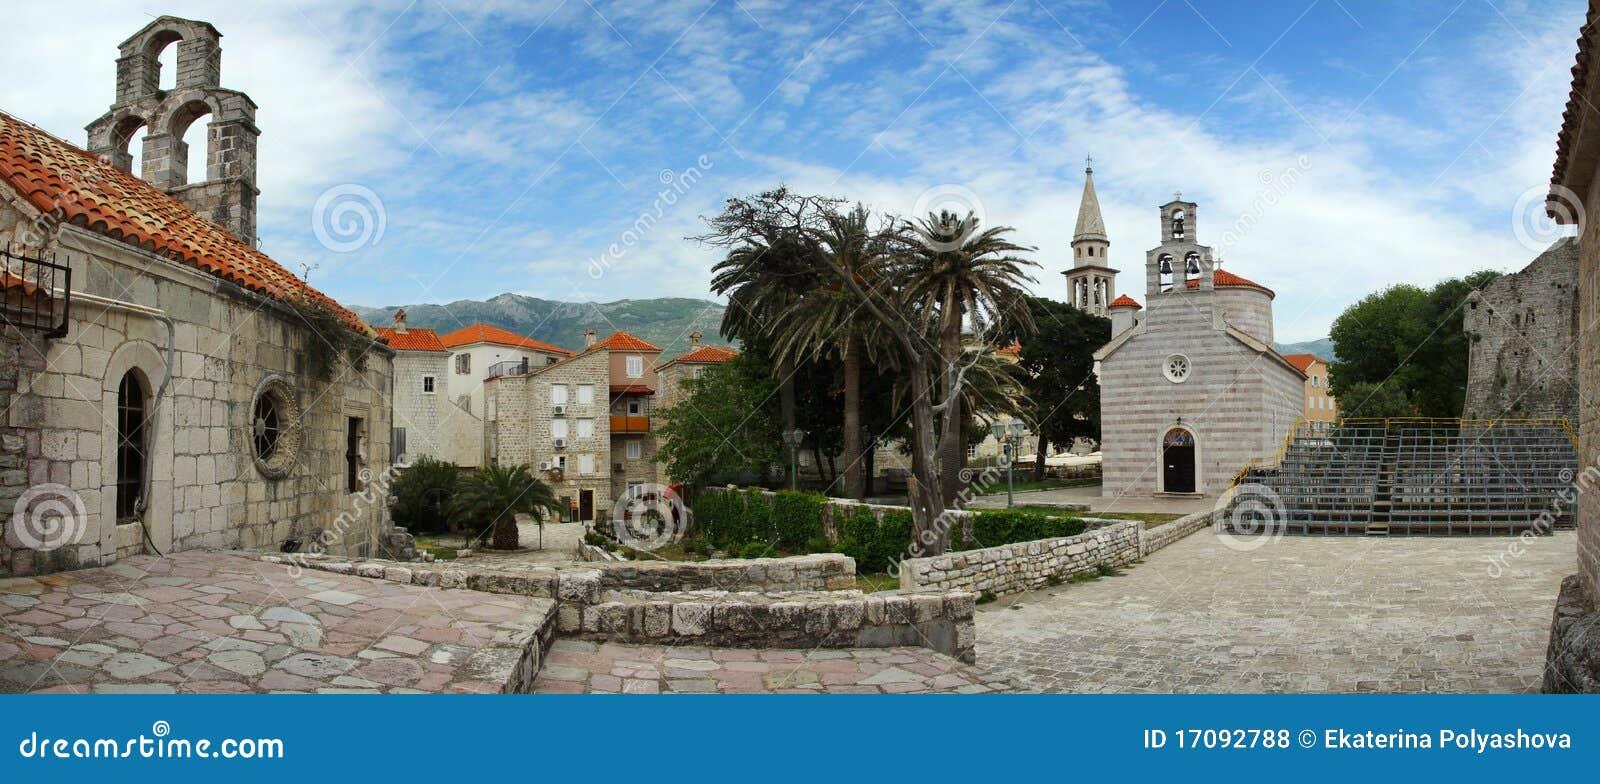 Alte Stadt von Budva. Montenegro.